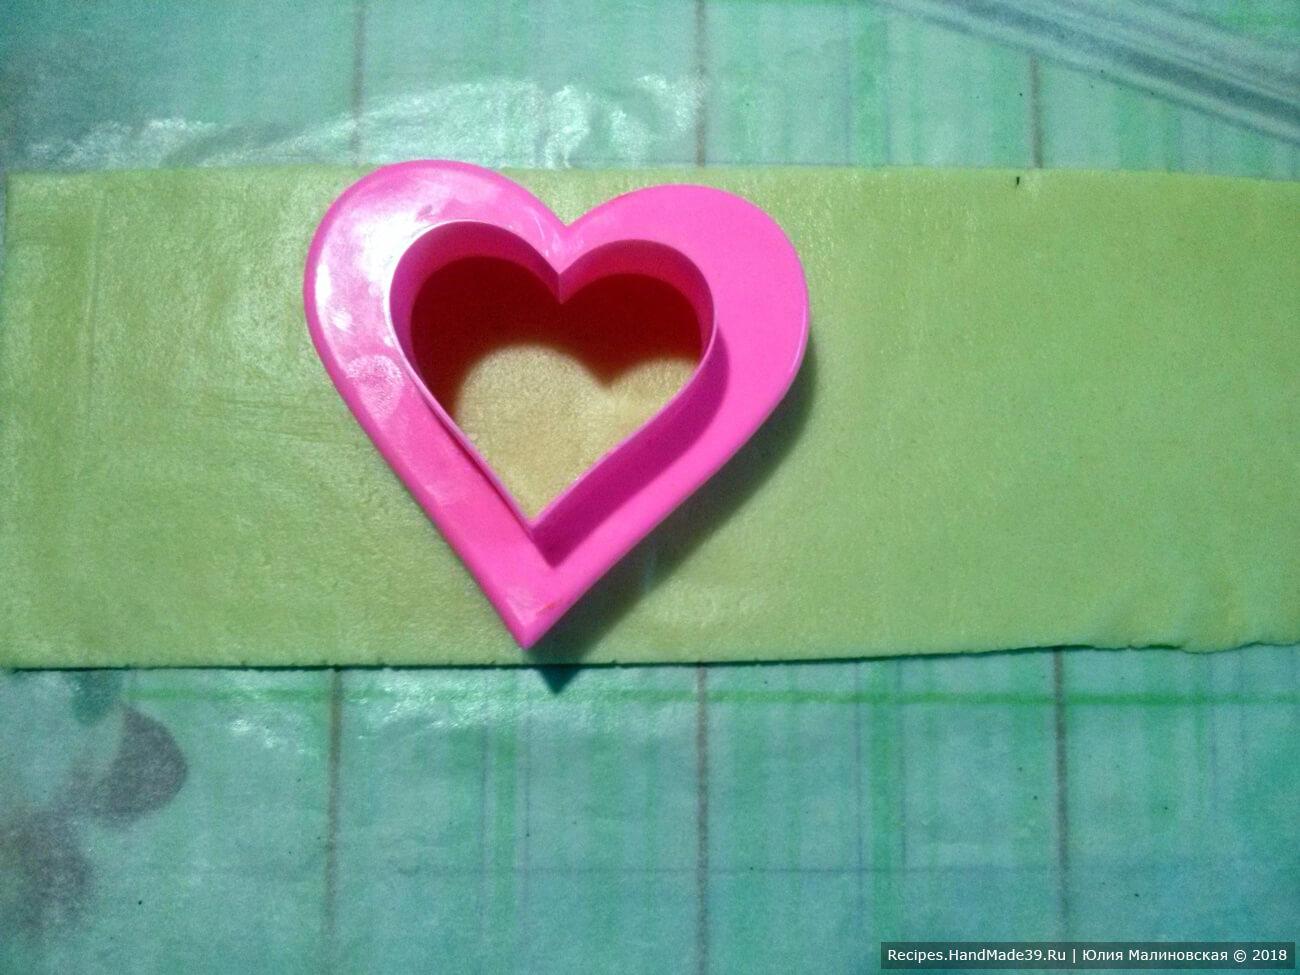 Достать тесто и раскатать толщиной 0,5 см – полосами. Они должны быть не длинными. Ширина полосы должна соответствовать размеру вашей формы для печенья «сердечко»